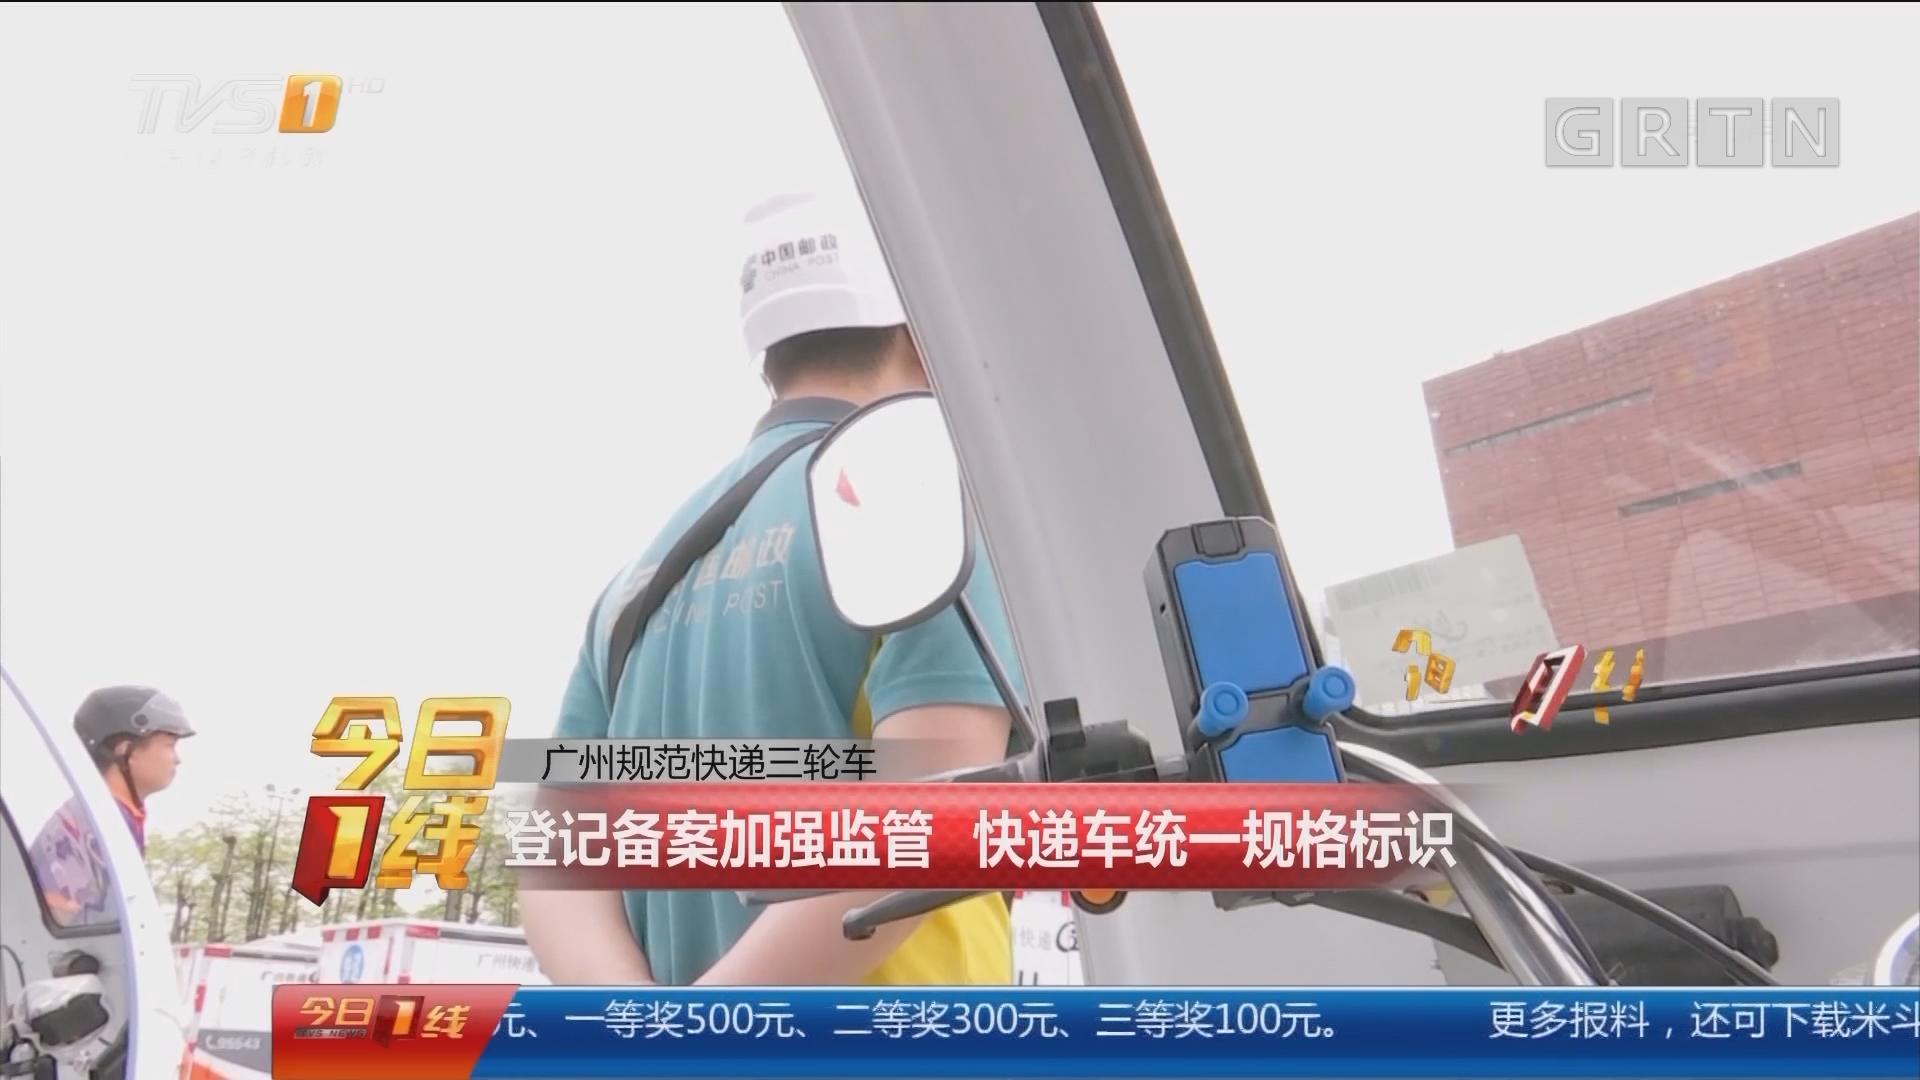 广州规范快递三轮车:登记备案加强监管 快递车统一规格标识